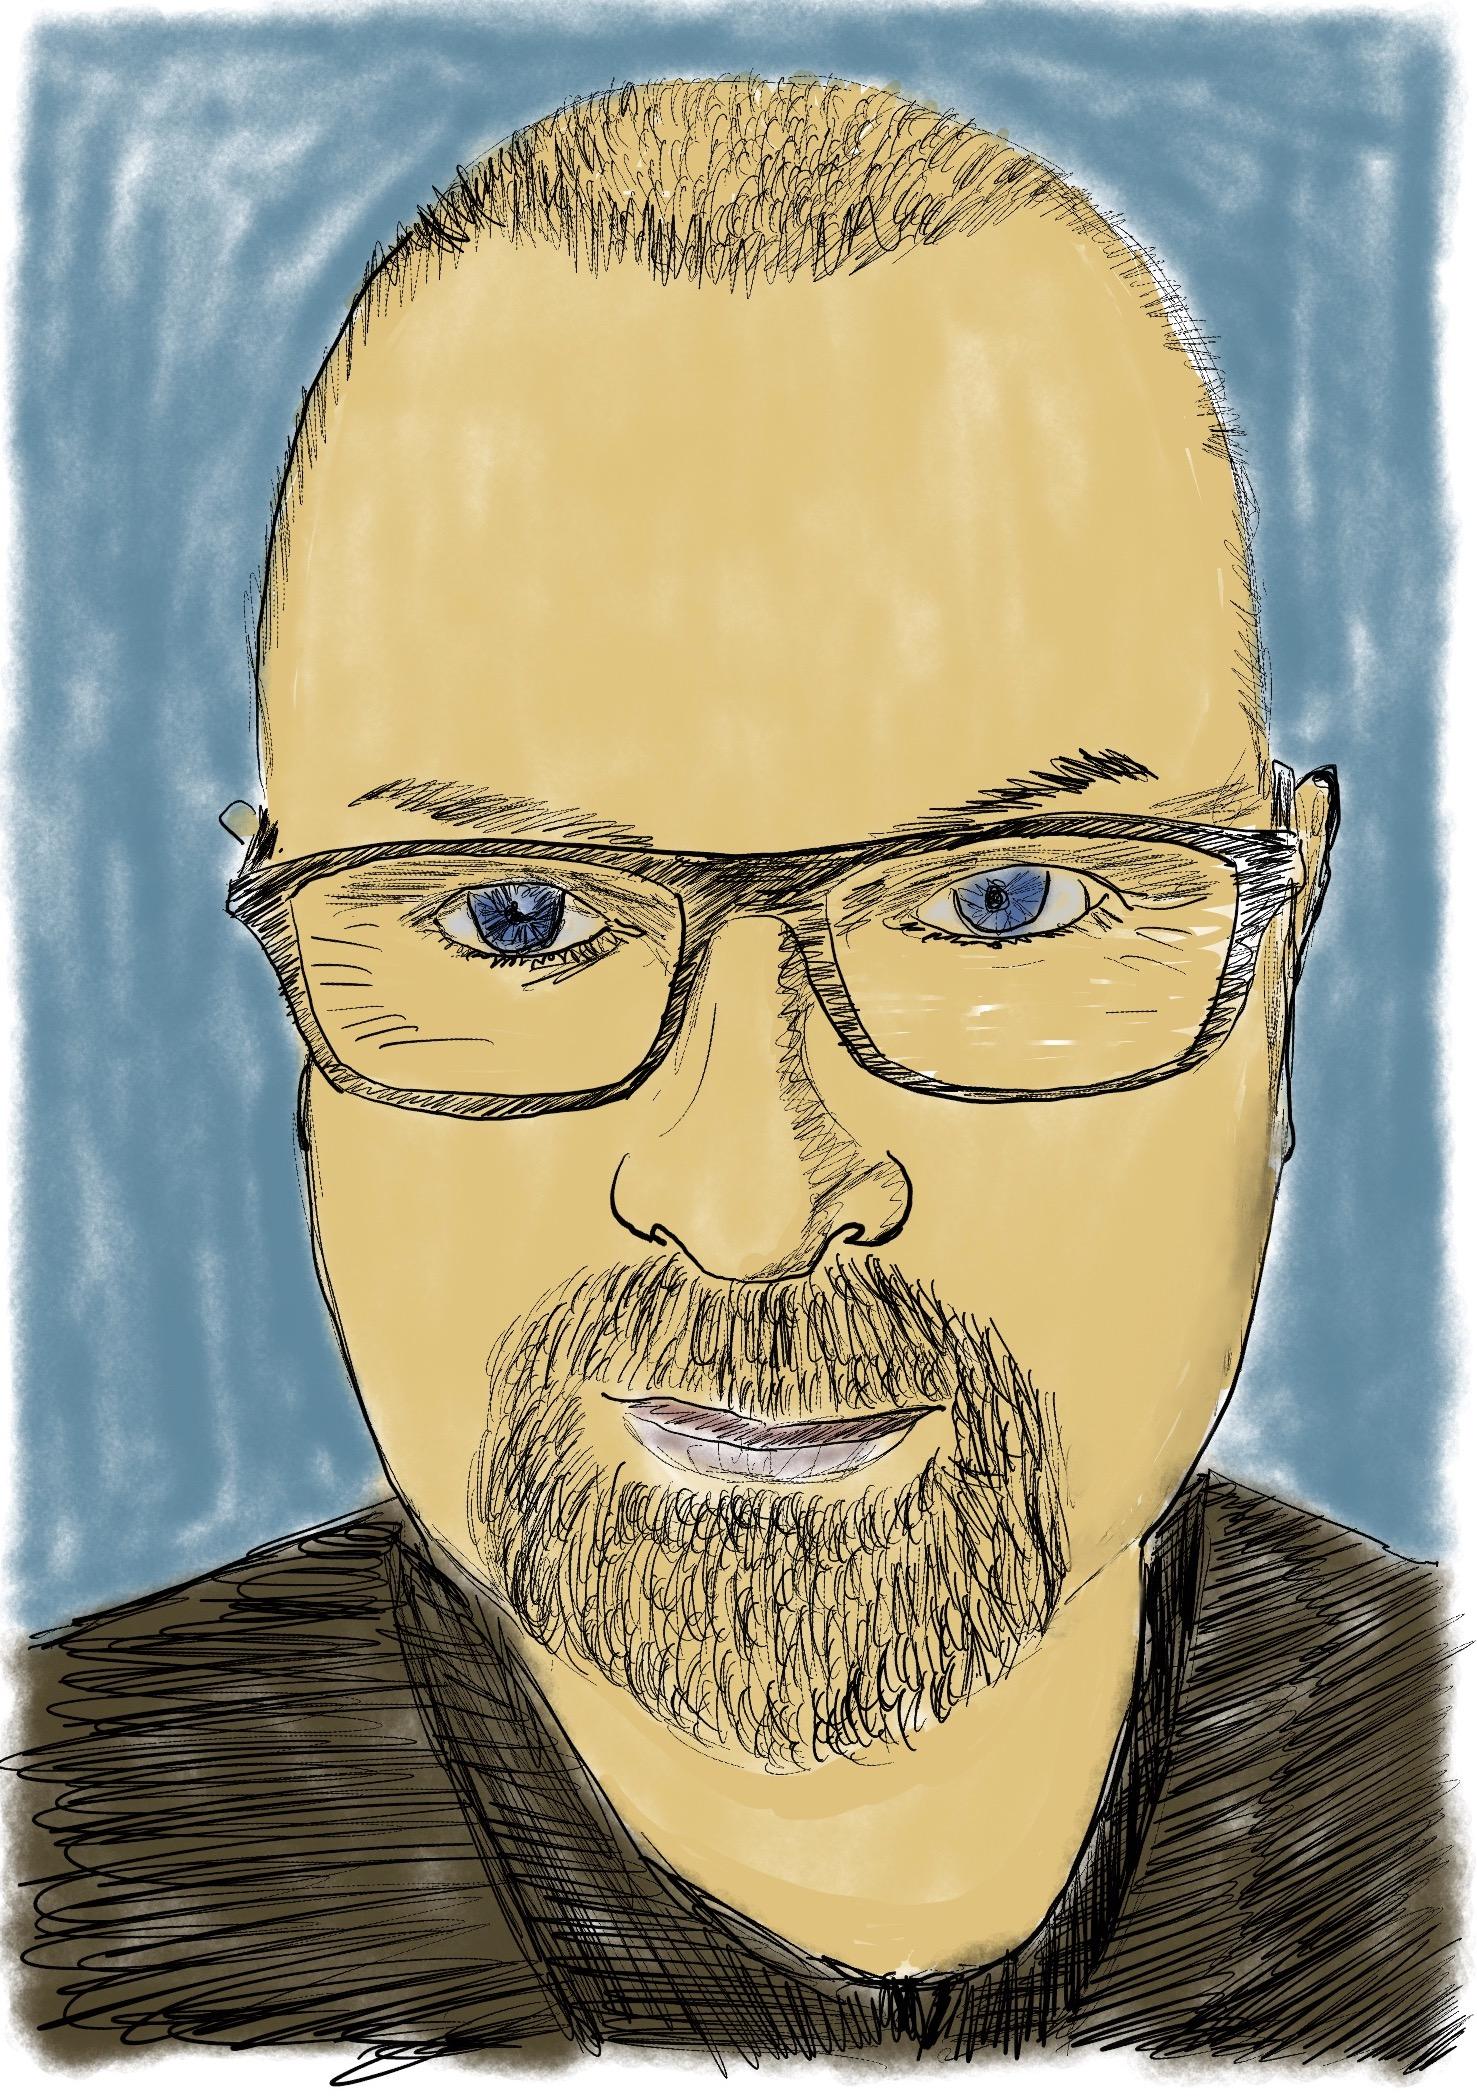 Comic book selfie drawing